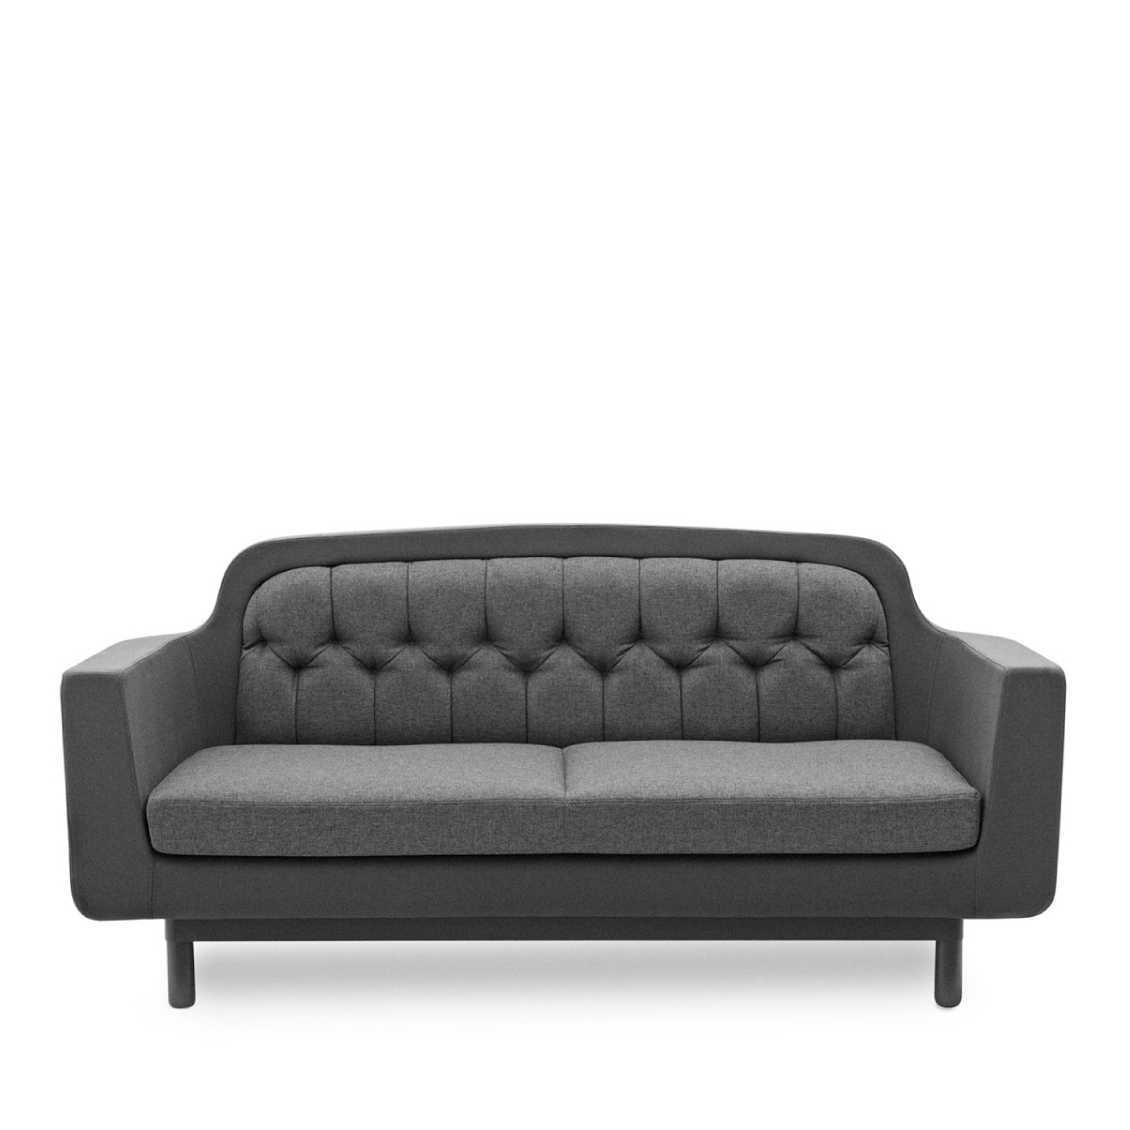 Onkel sofa 2 zit normann copenhagen design zetel project evolution - Normann copenhagen bank ...